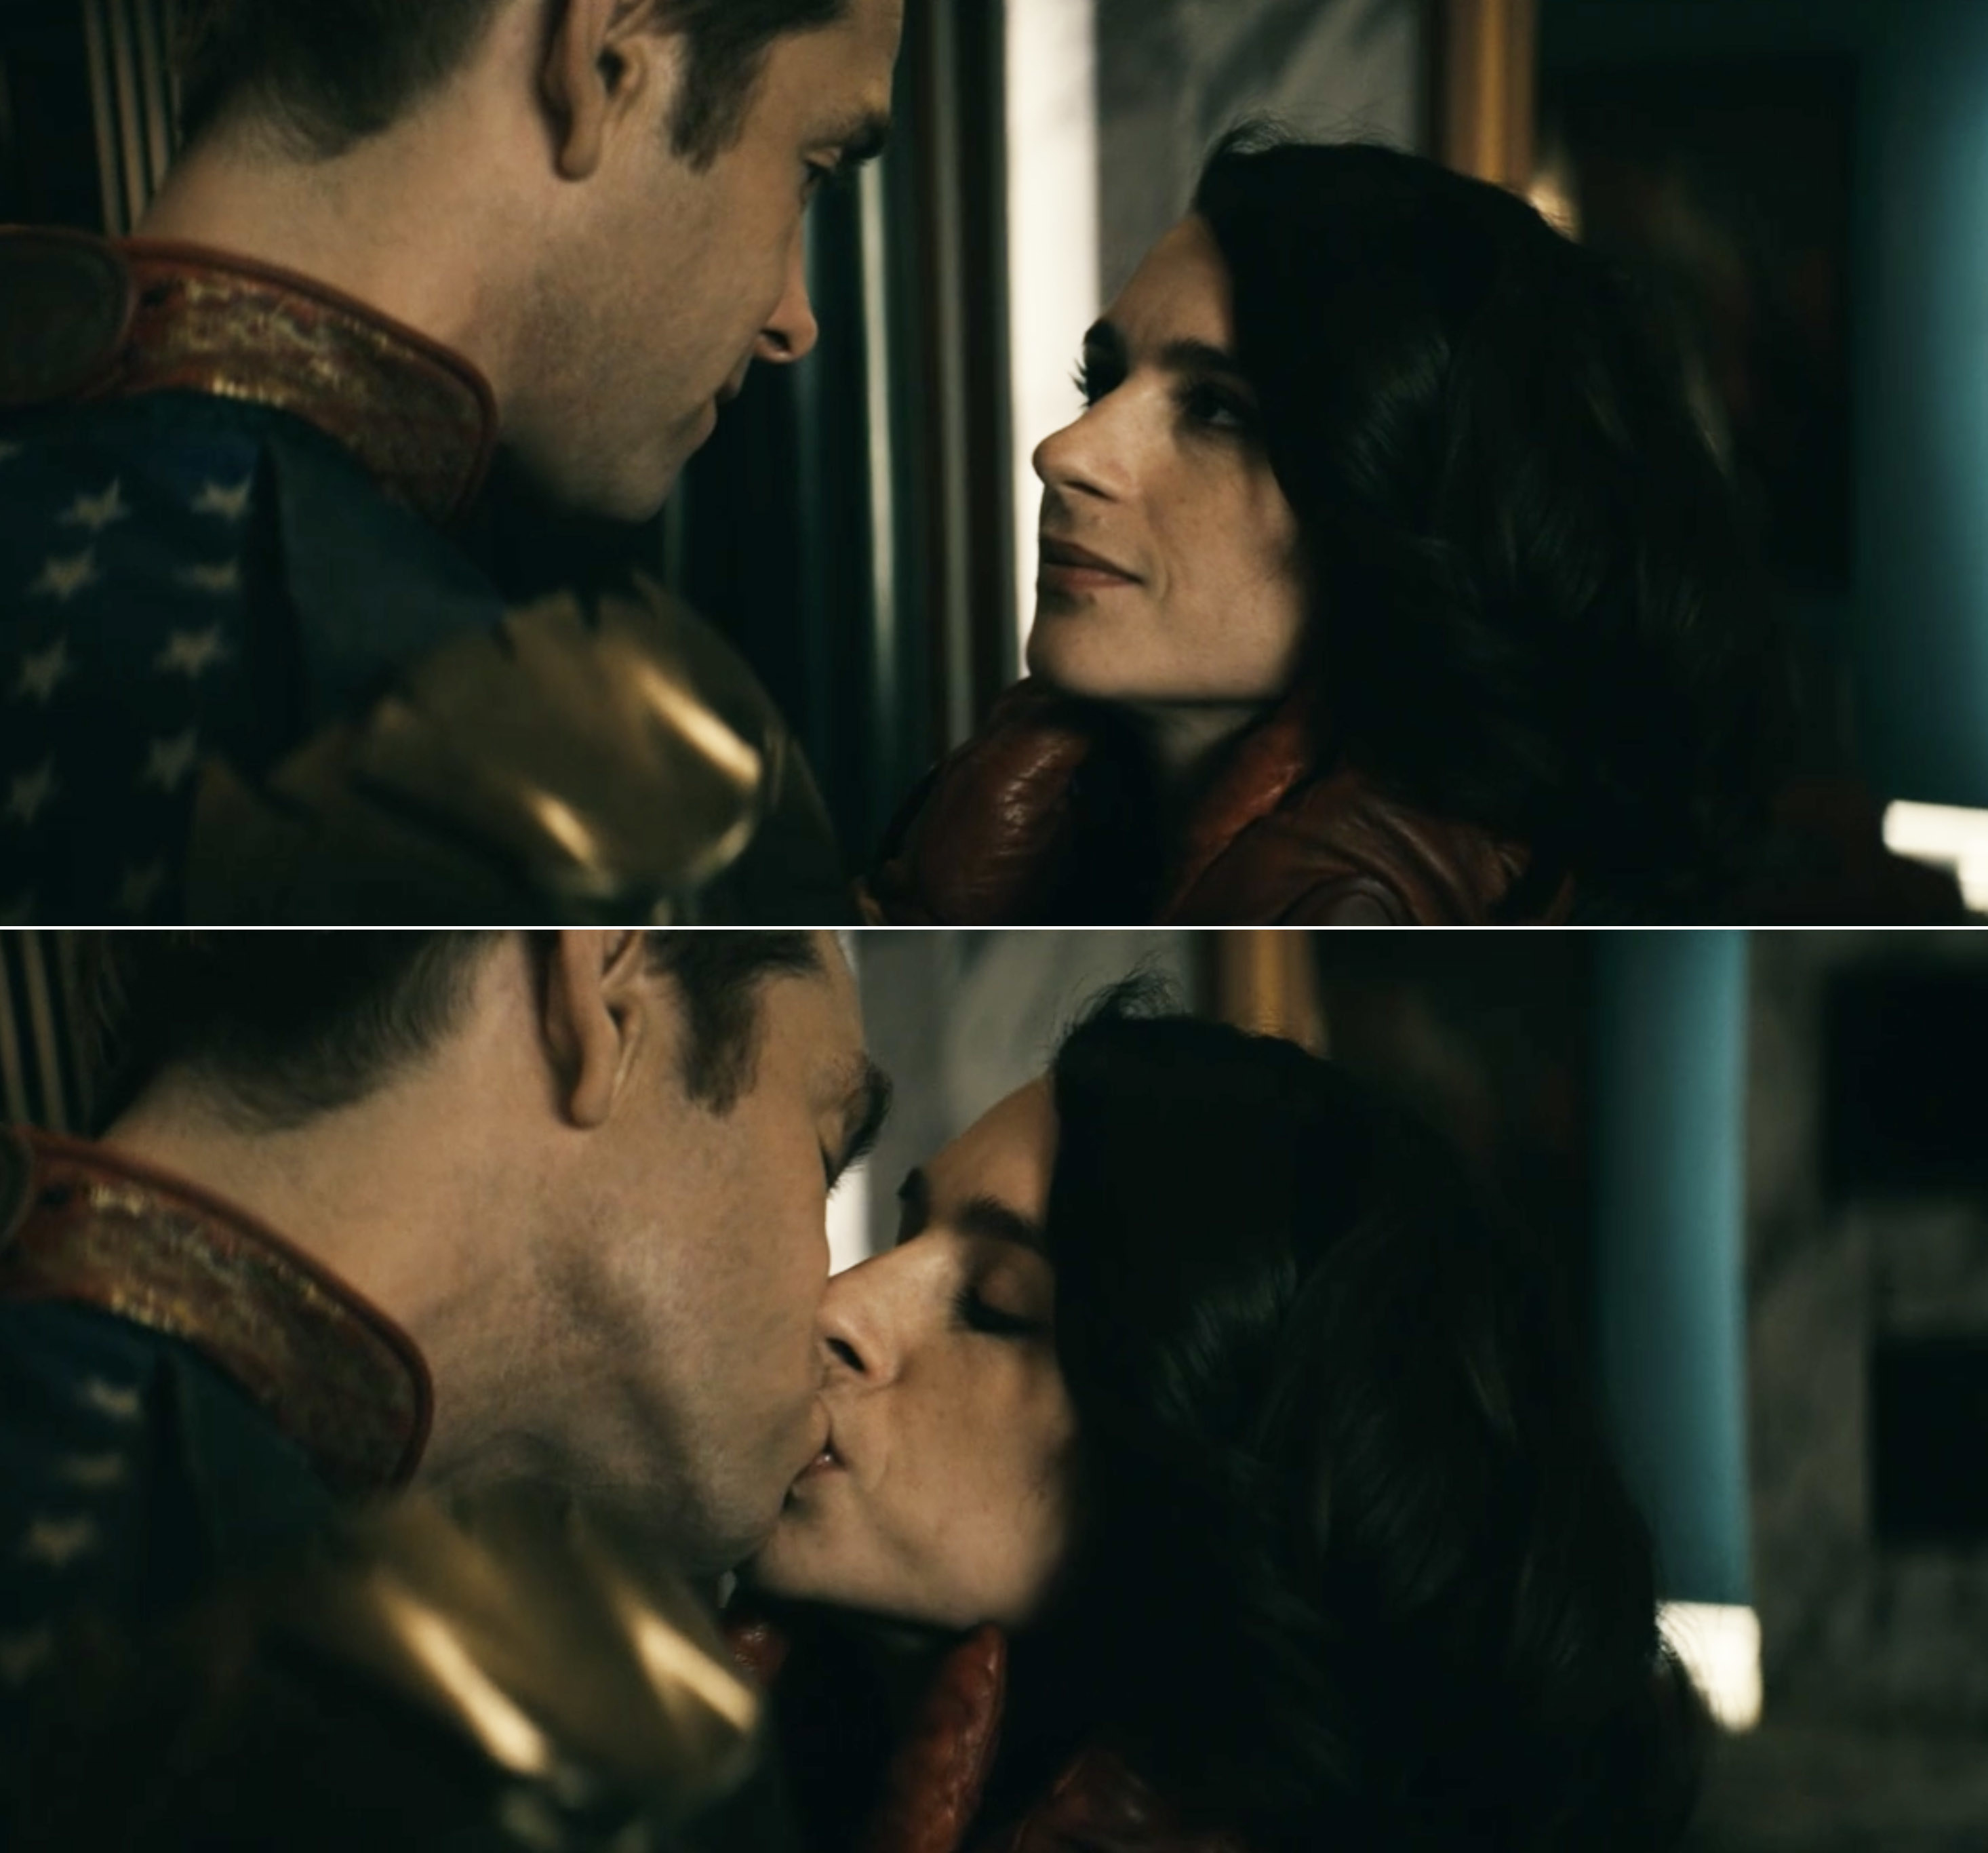 Homelander and Stormfront kissing